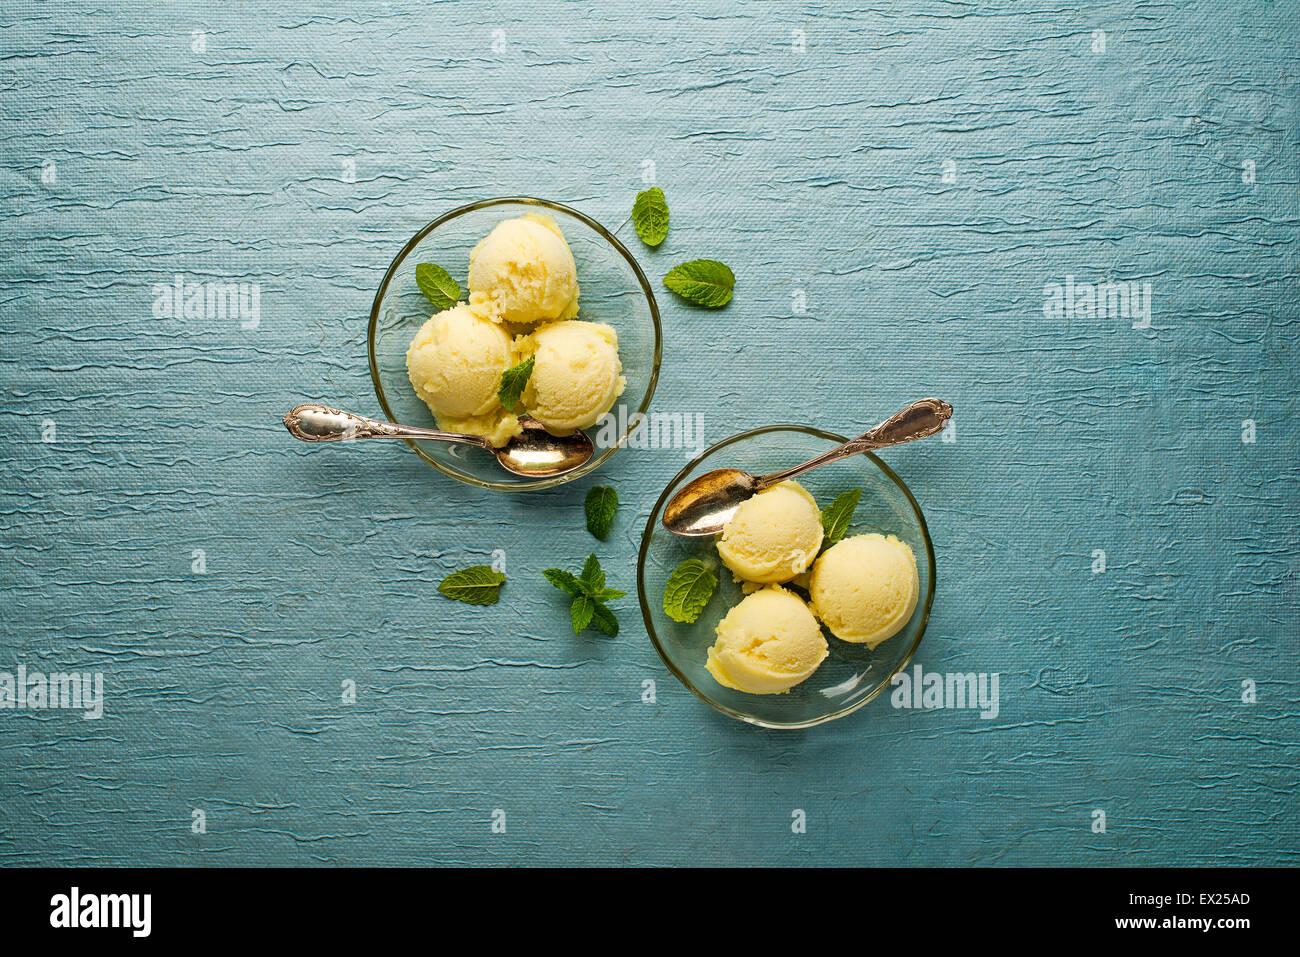 Frutta fresca sorbetto gelato in una lastra di vetro - riprese aeree. Immagini Stock